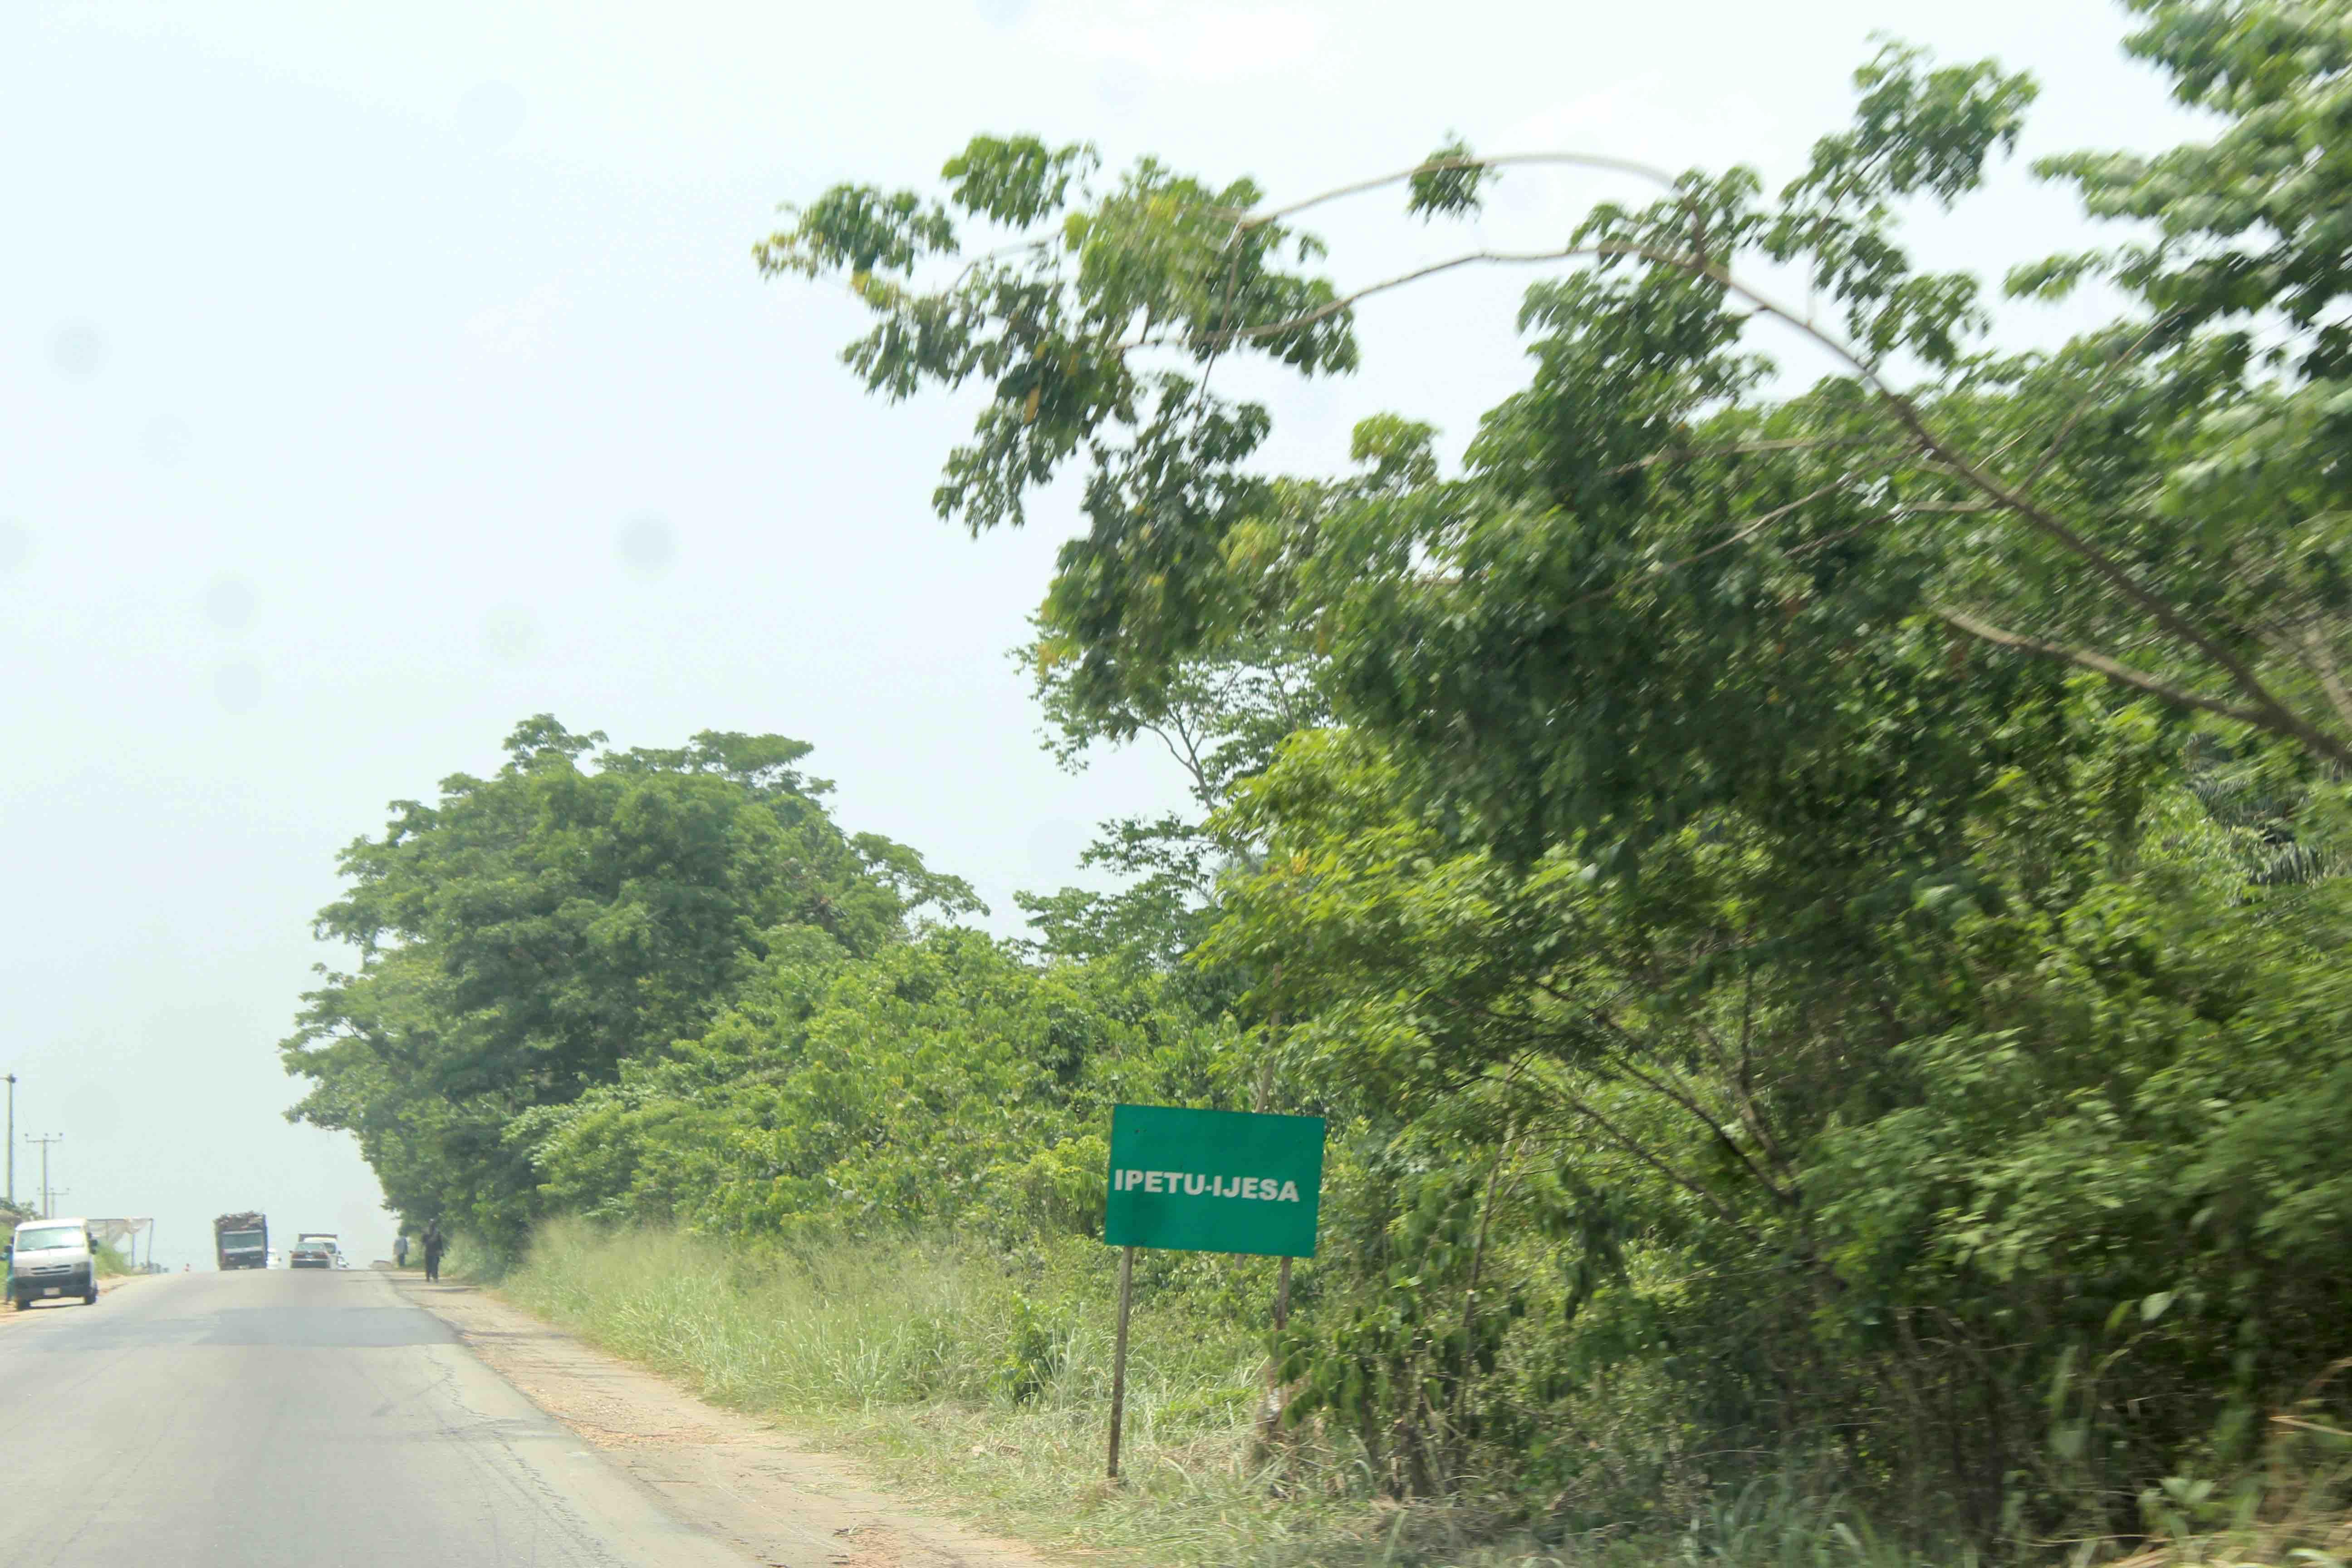 Ipetu-Ijesa, Osun State, Nigeria. #JujuFilms